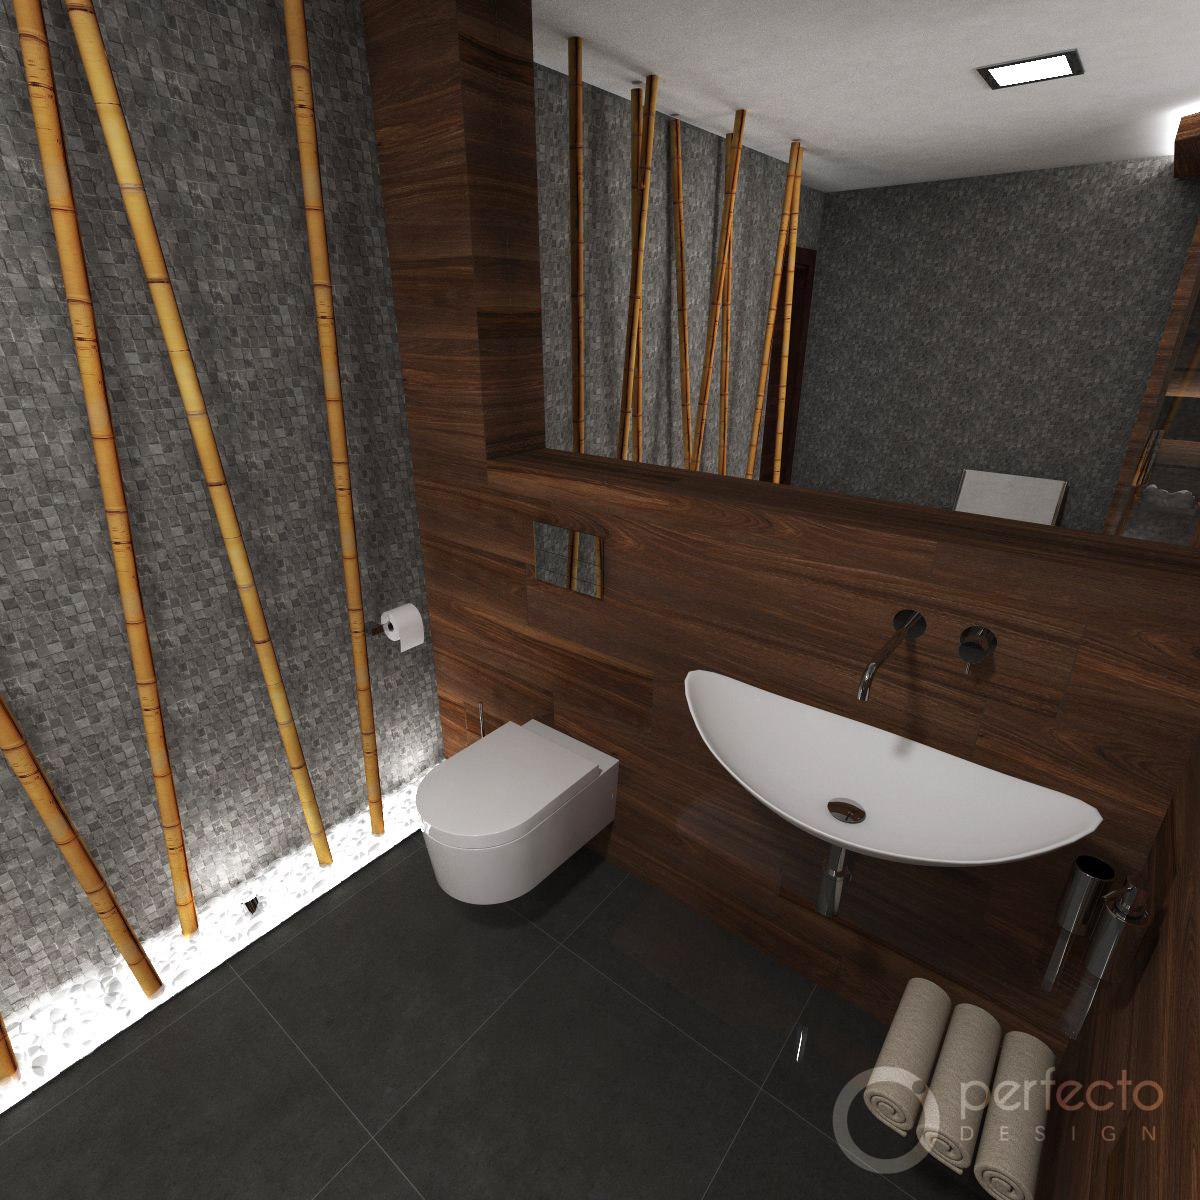 modernes wellness badezimmer zen | perfecto design, Badezimmer ideen